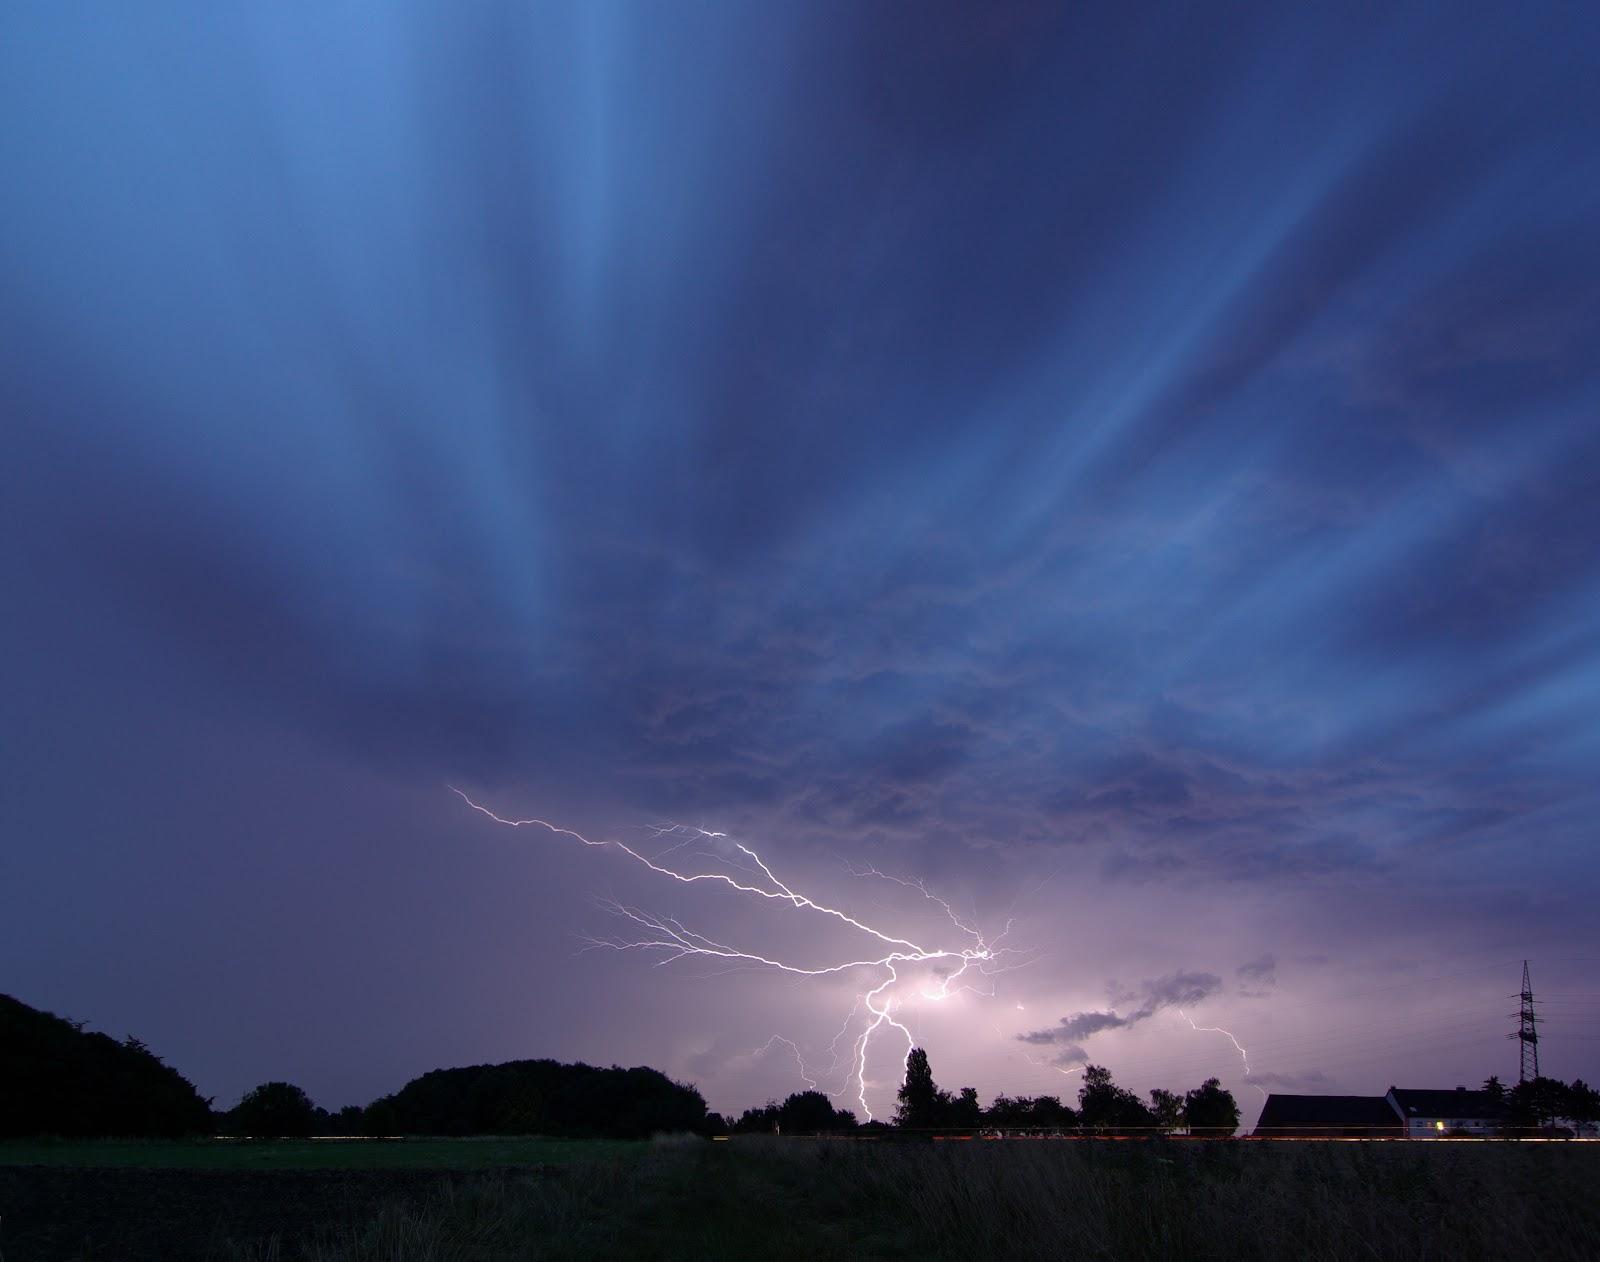 Storm/Demaree/IVJ